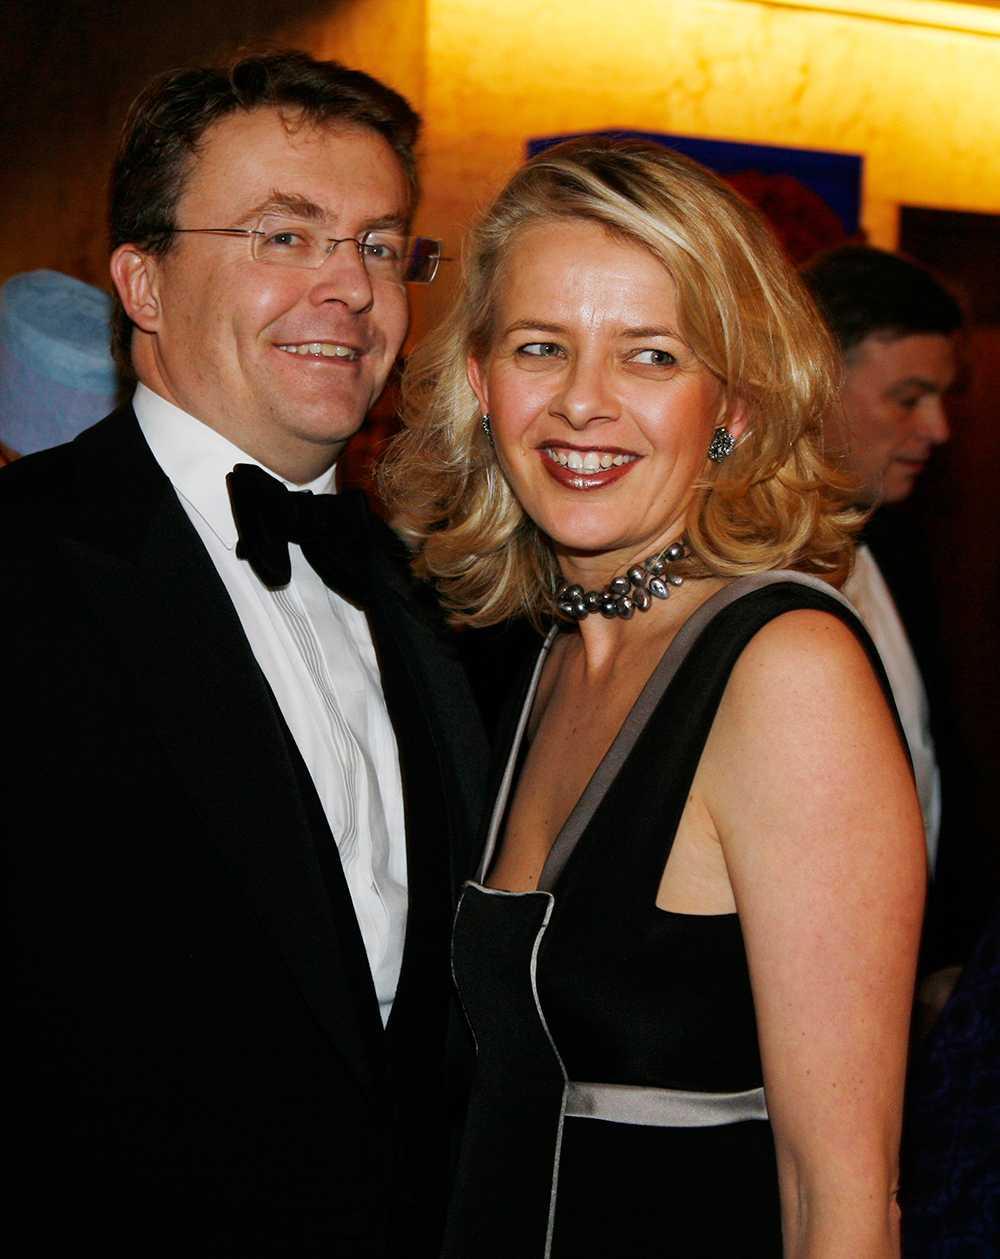 Johan Friso av Nederländerna tillsammans med sin hustru Mabel. Han har nu avlidit och blev 44 år.